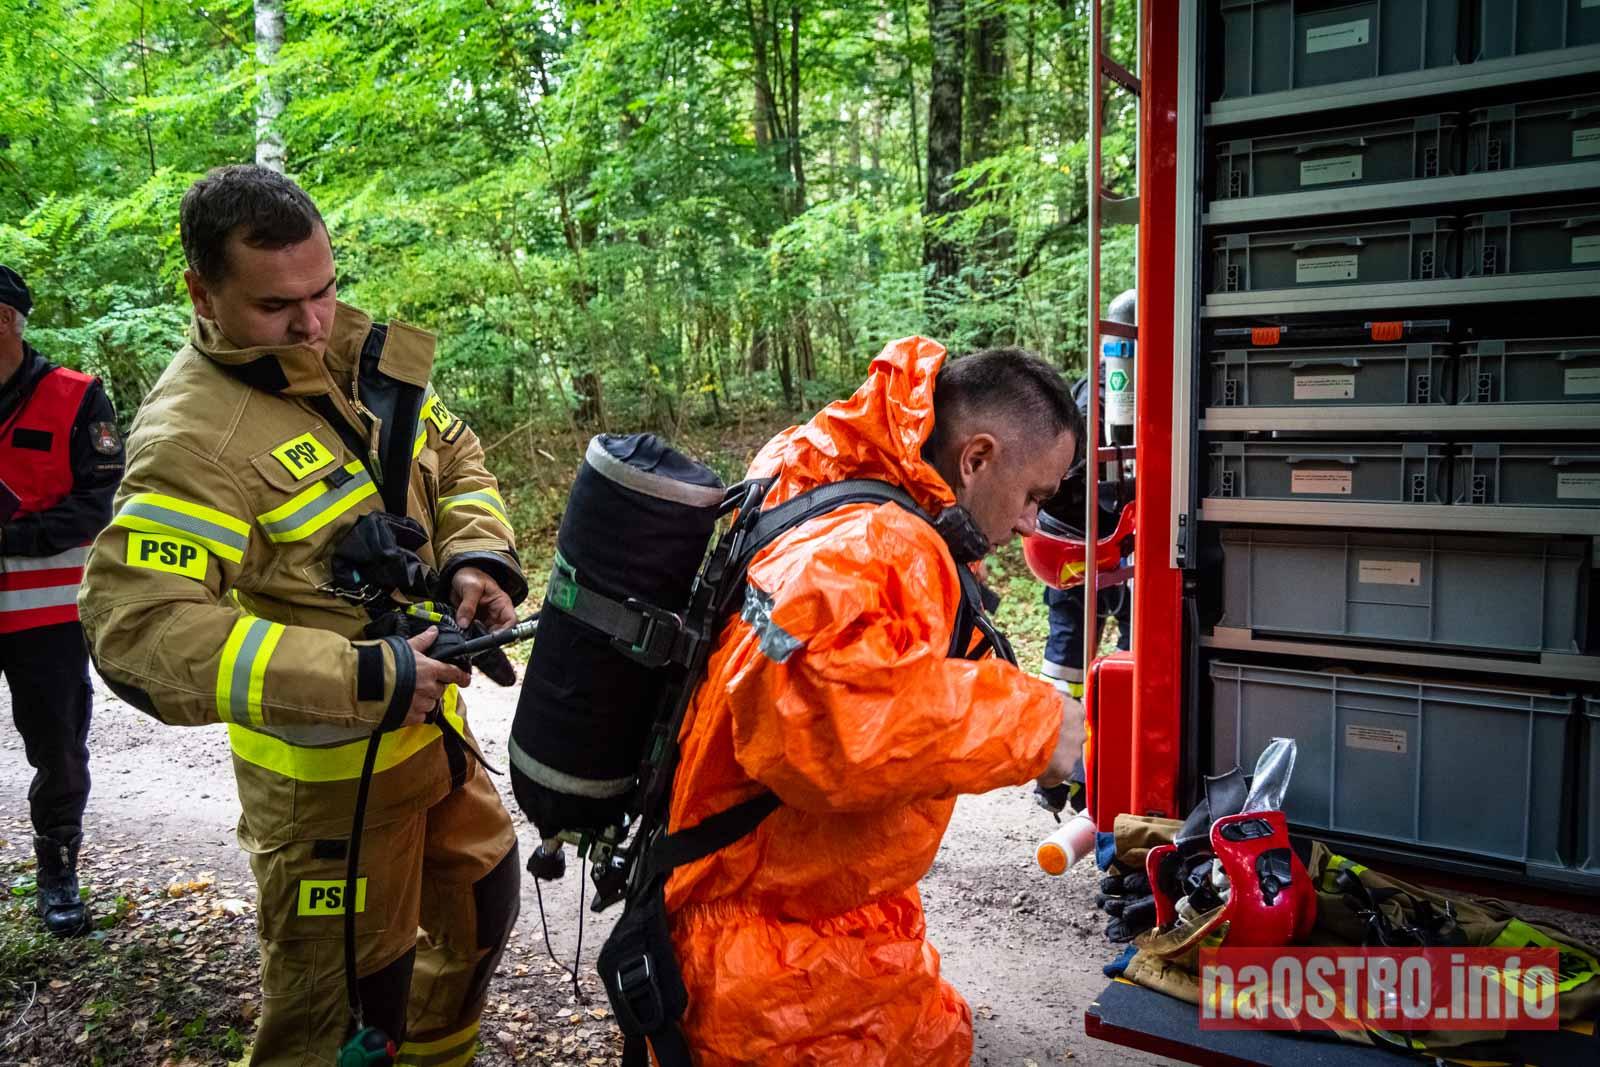 NaOSTROinfo Ćwiczenia Straży Pożarnej-35